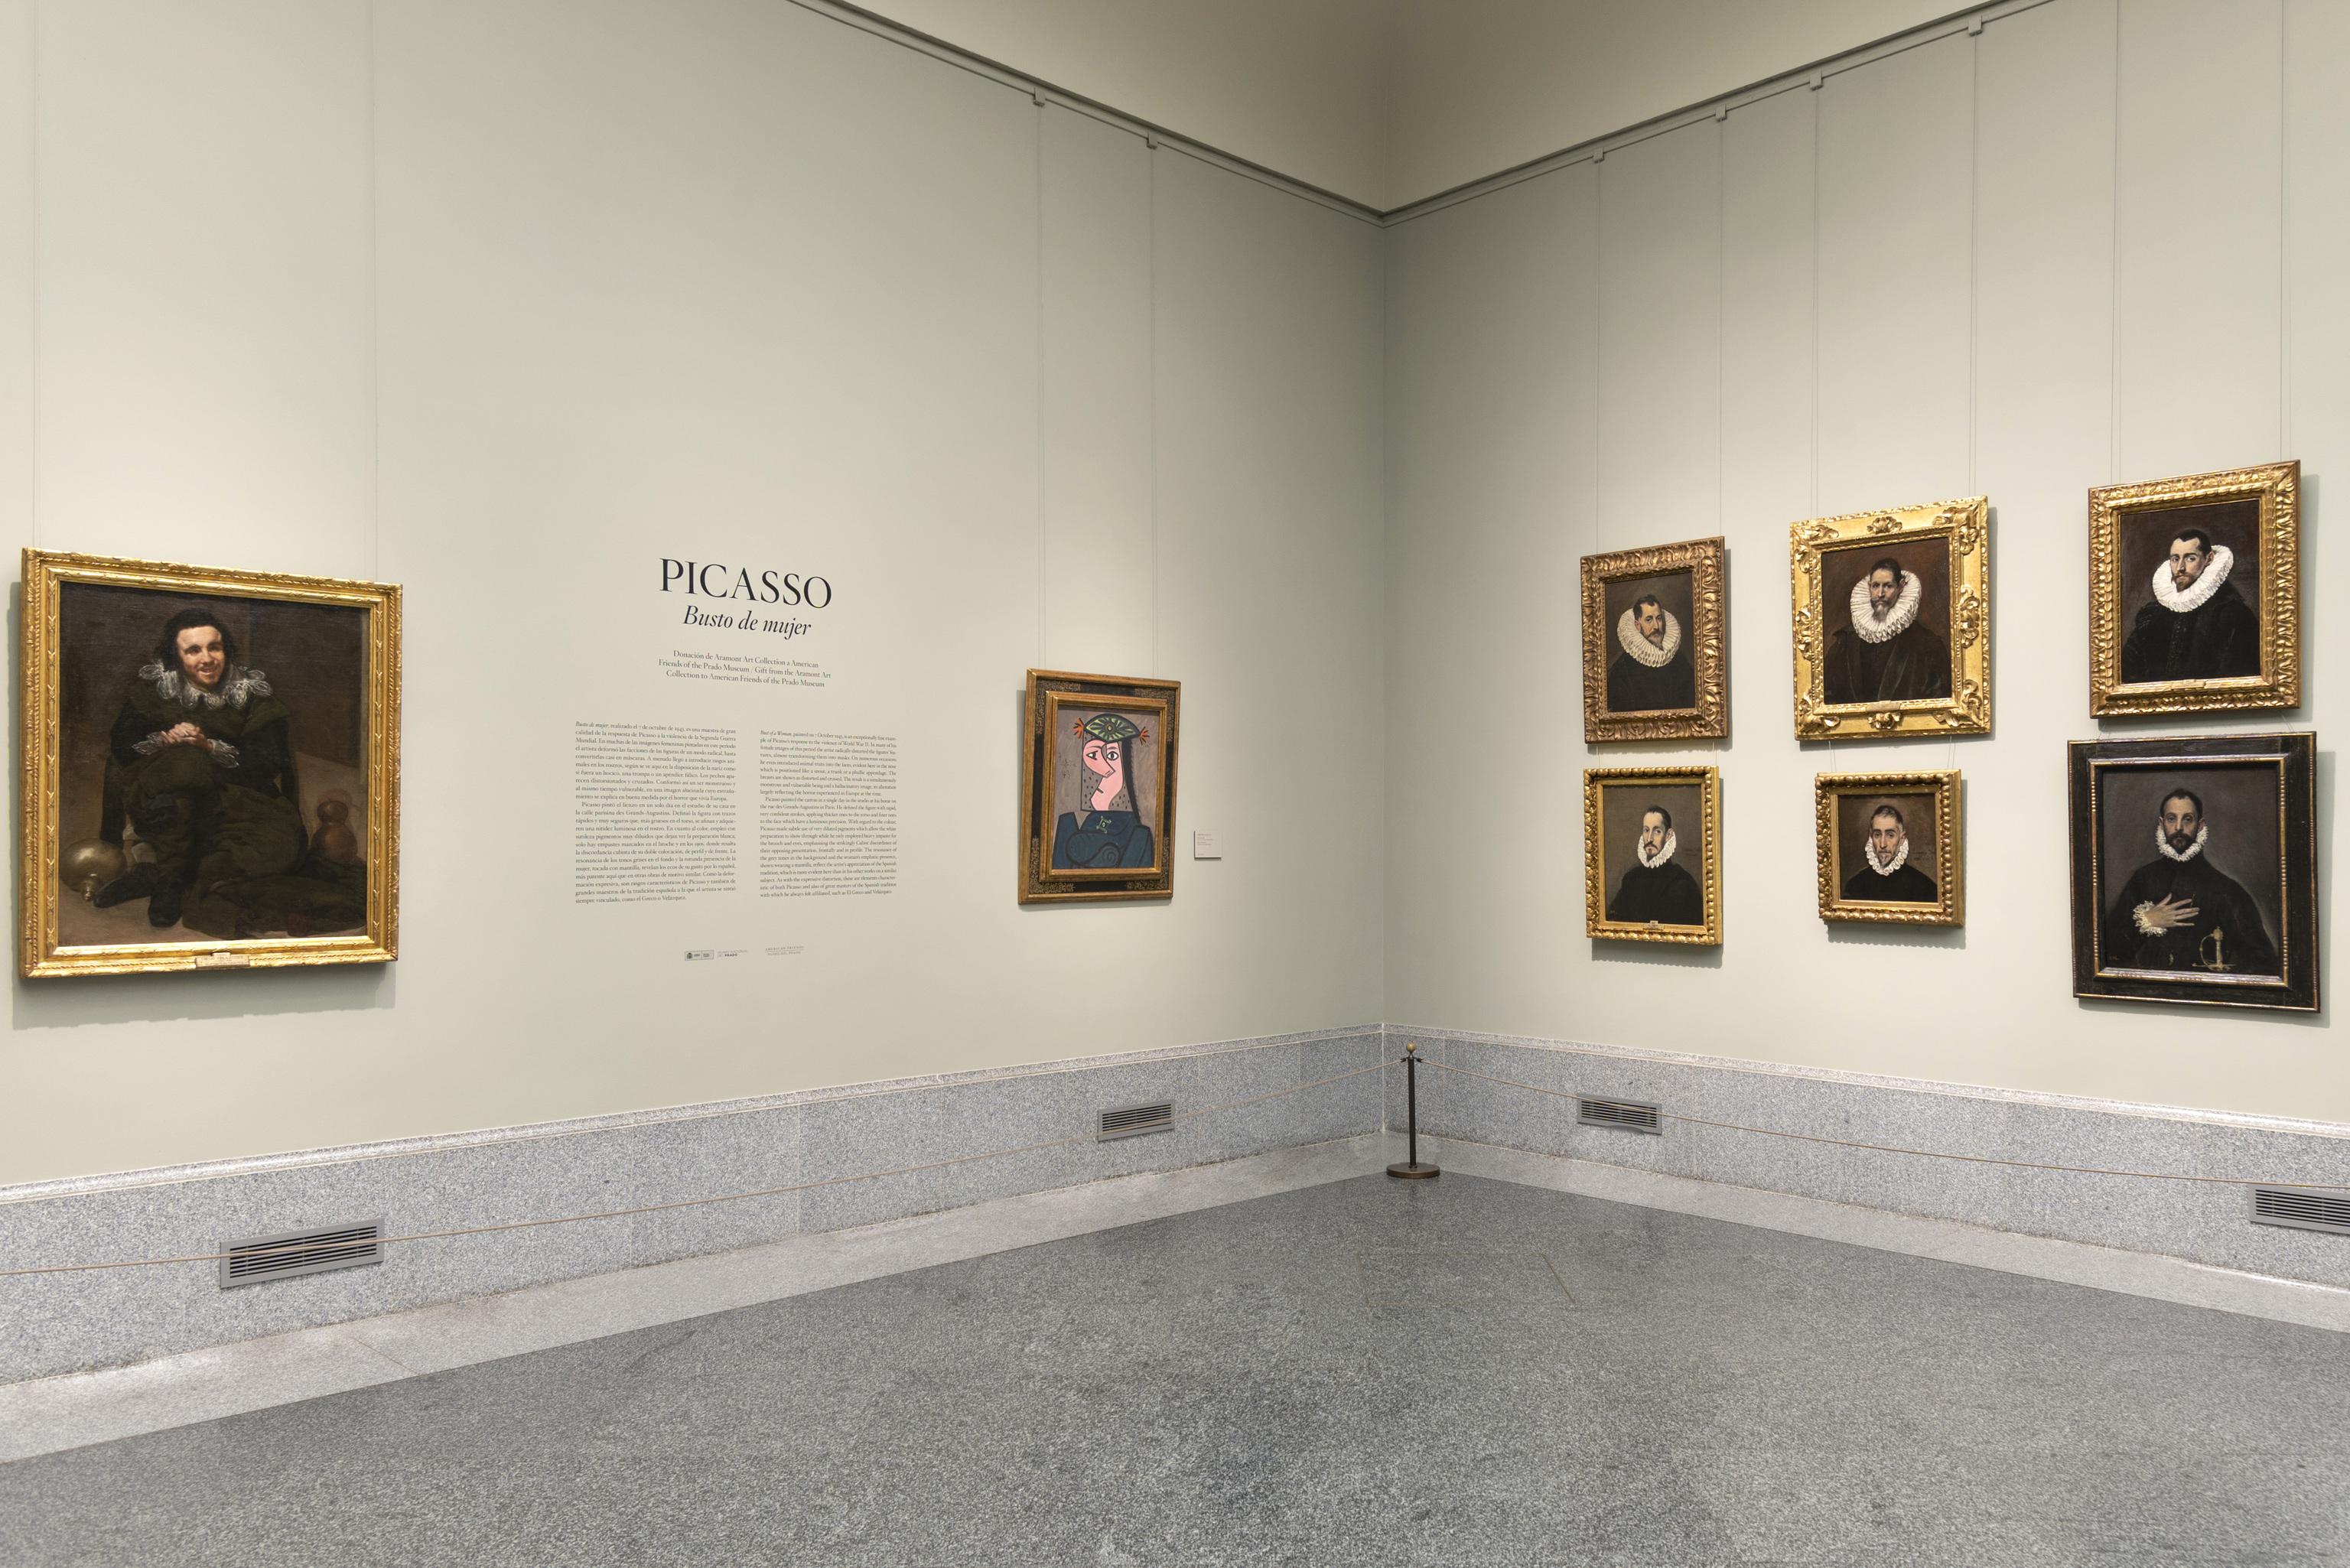 'Busto de mujer' de Picasso en la sala 9 B de edificio Villanueva en el Museo Nacional del Prado